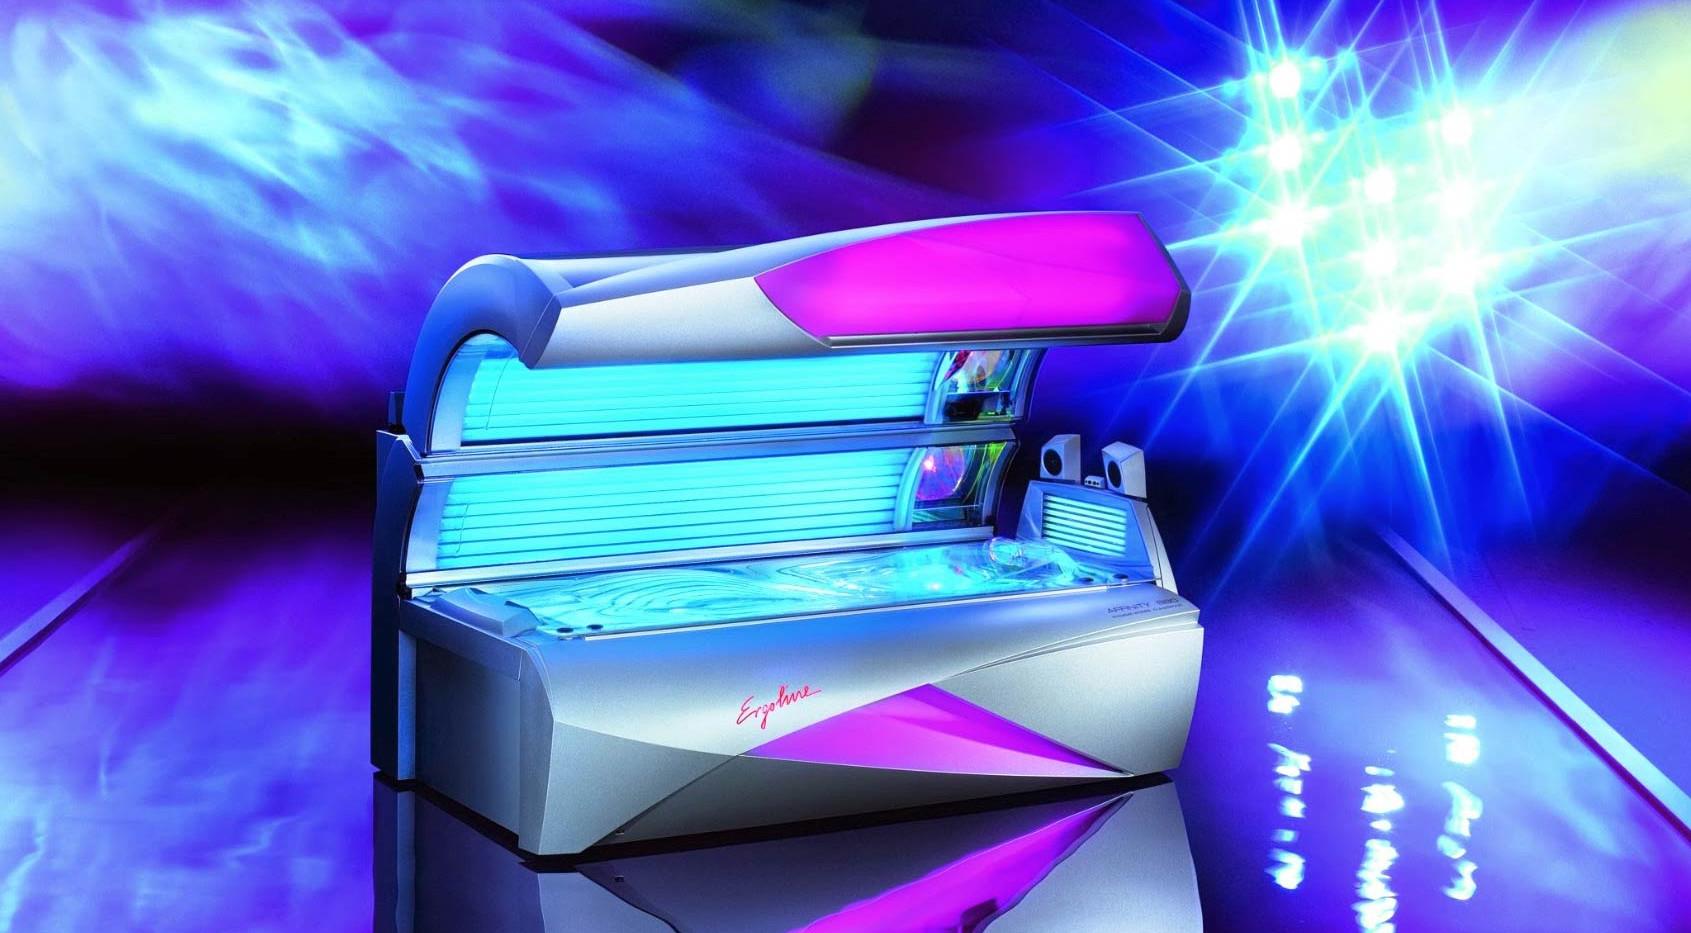 Affinity-880-DynamicPower.jpg